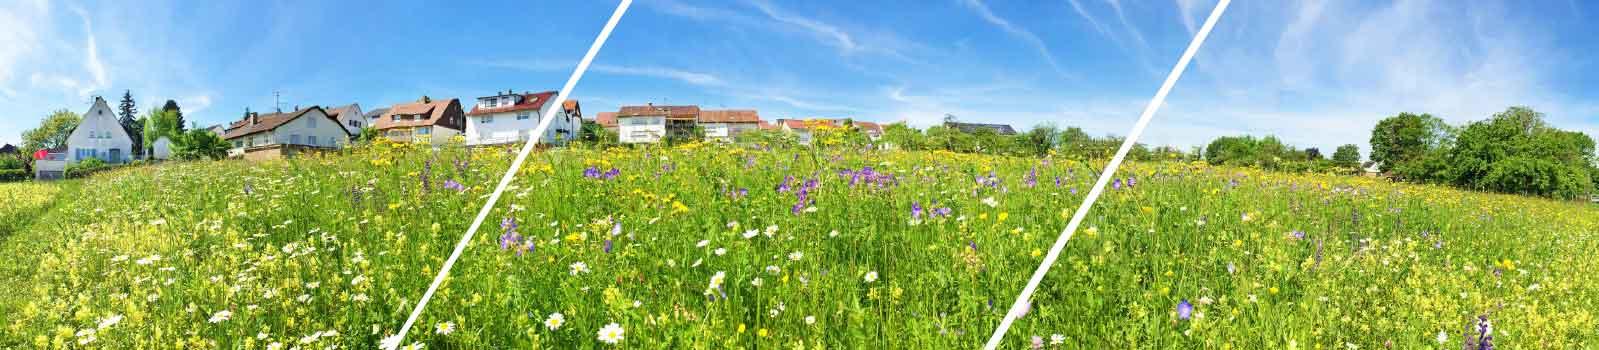 Grundstücke kaufen in Erkheim, Ottobeuren, memmingen und dem ganzen UNterallgäu